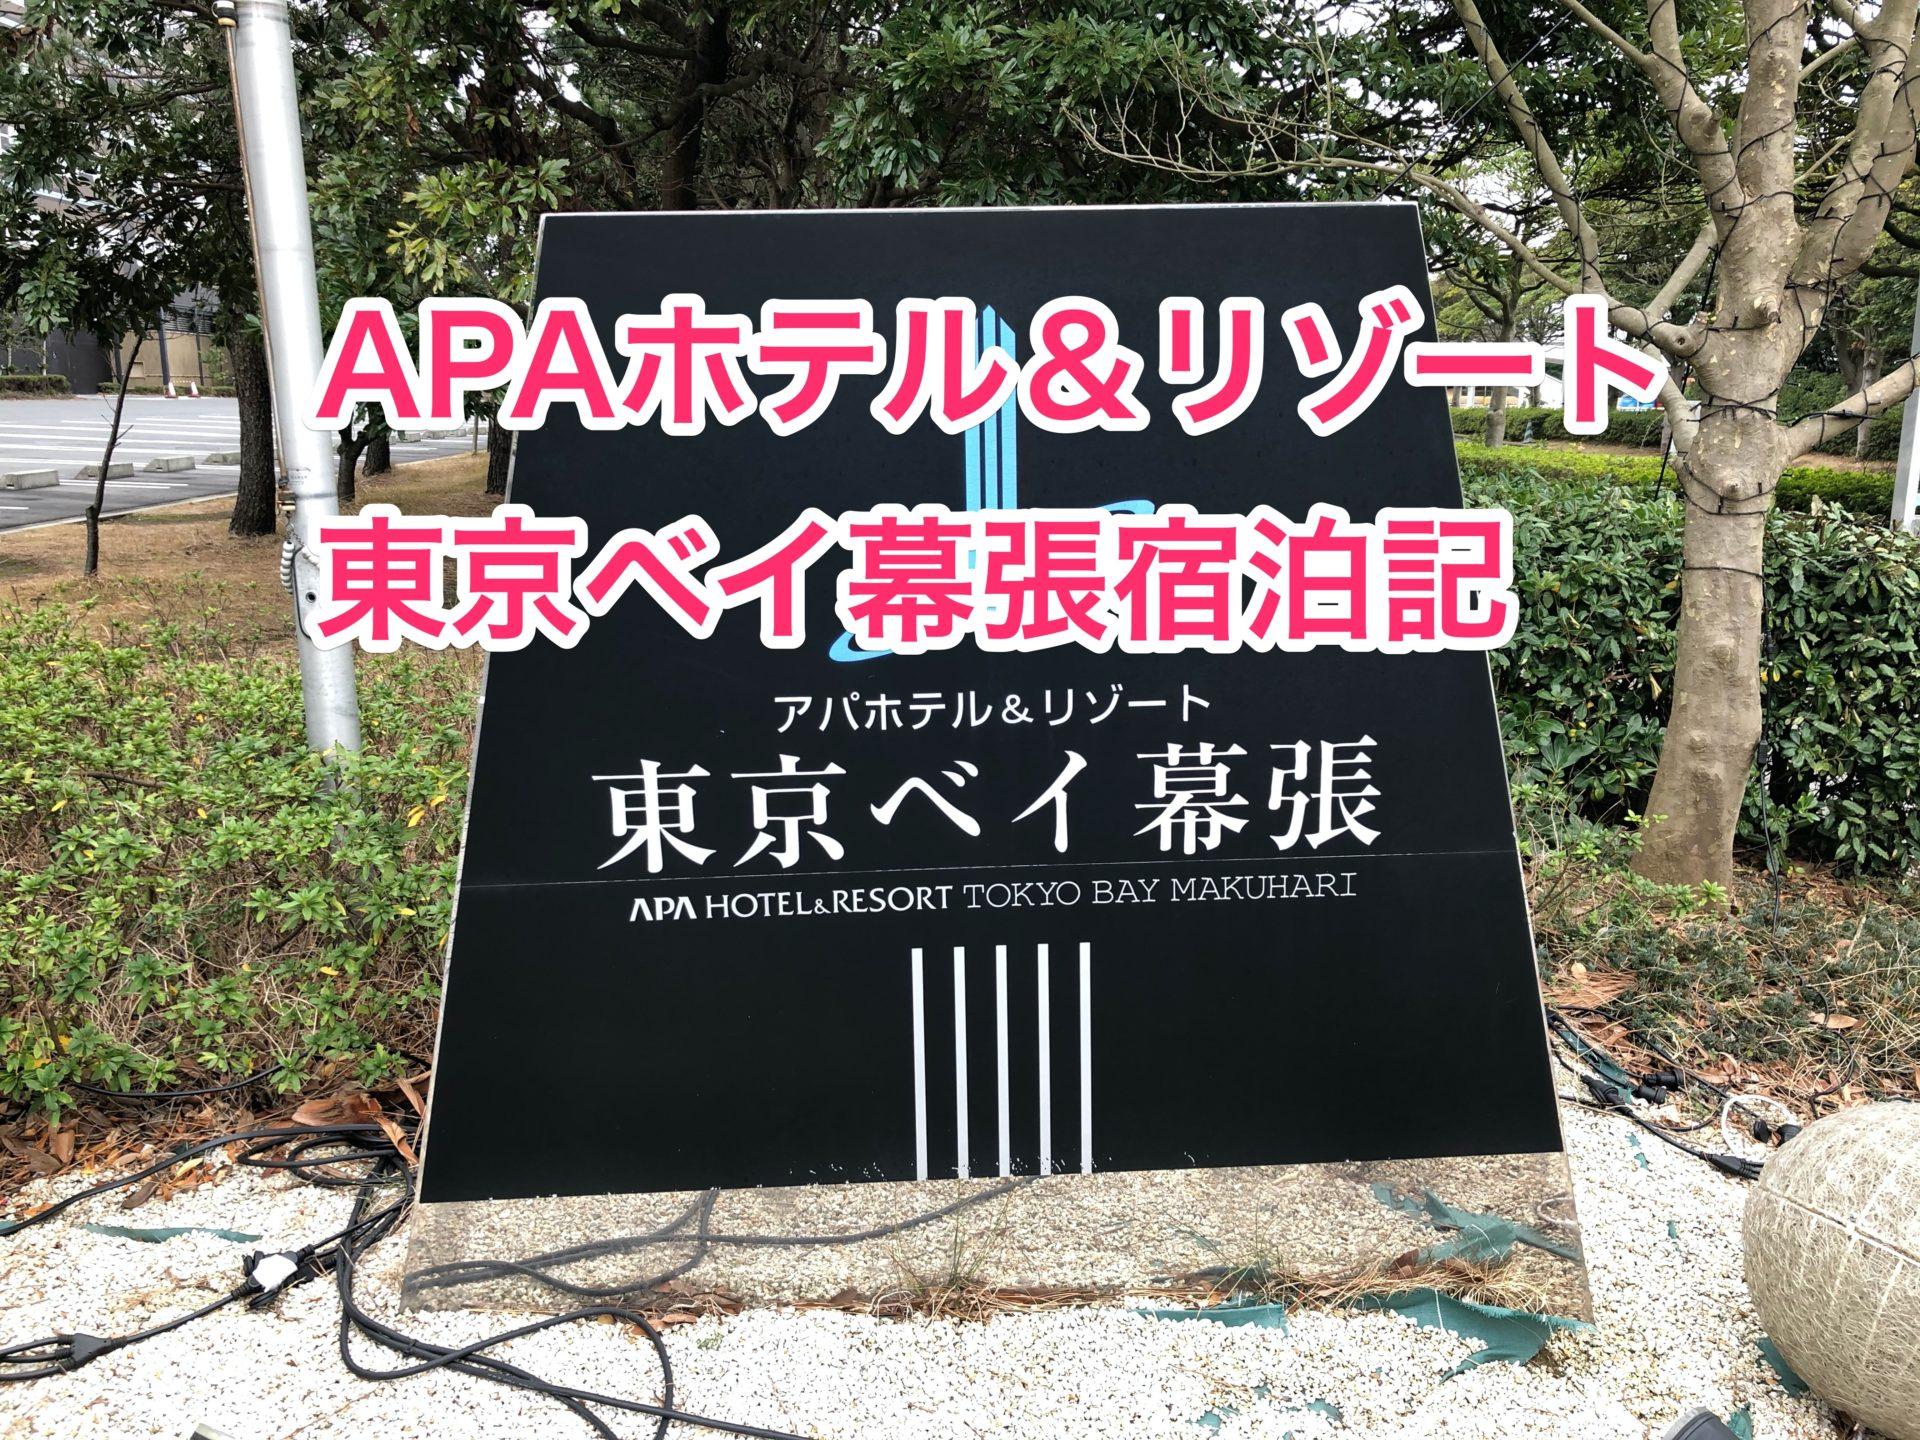 ディズニー付近のおすすめ格安宿! アパホテル&リゾート東京ベイ幕張宿泊記